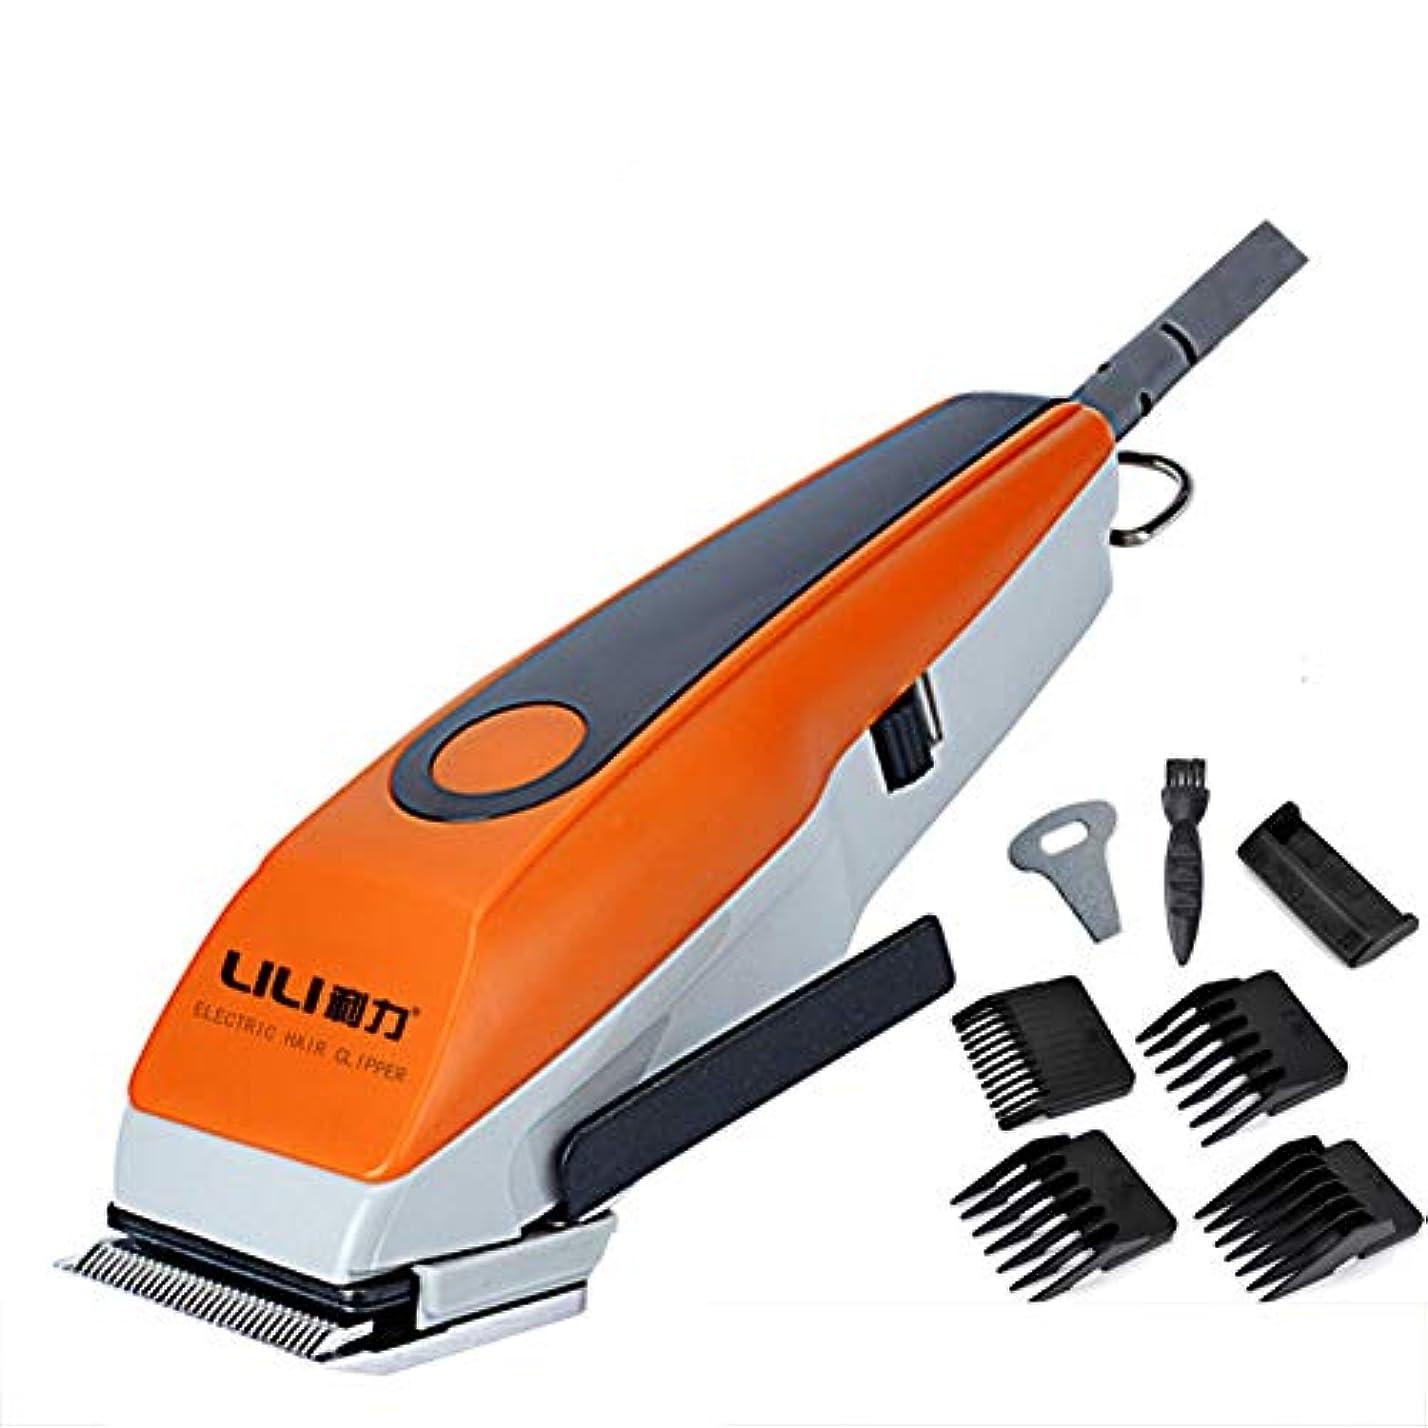 メンバー否認する選ぶヘアクリッパー、サロン/ホーム用の低ノイズヘアカット機を剃る男性プロフェッショナル強力なコード付きヘアトリマー220V電動ヘアクリッパー